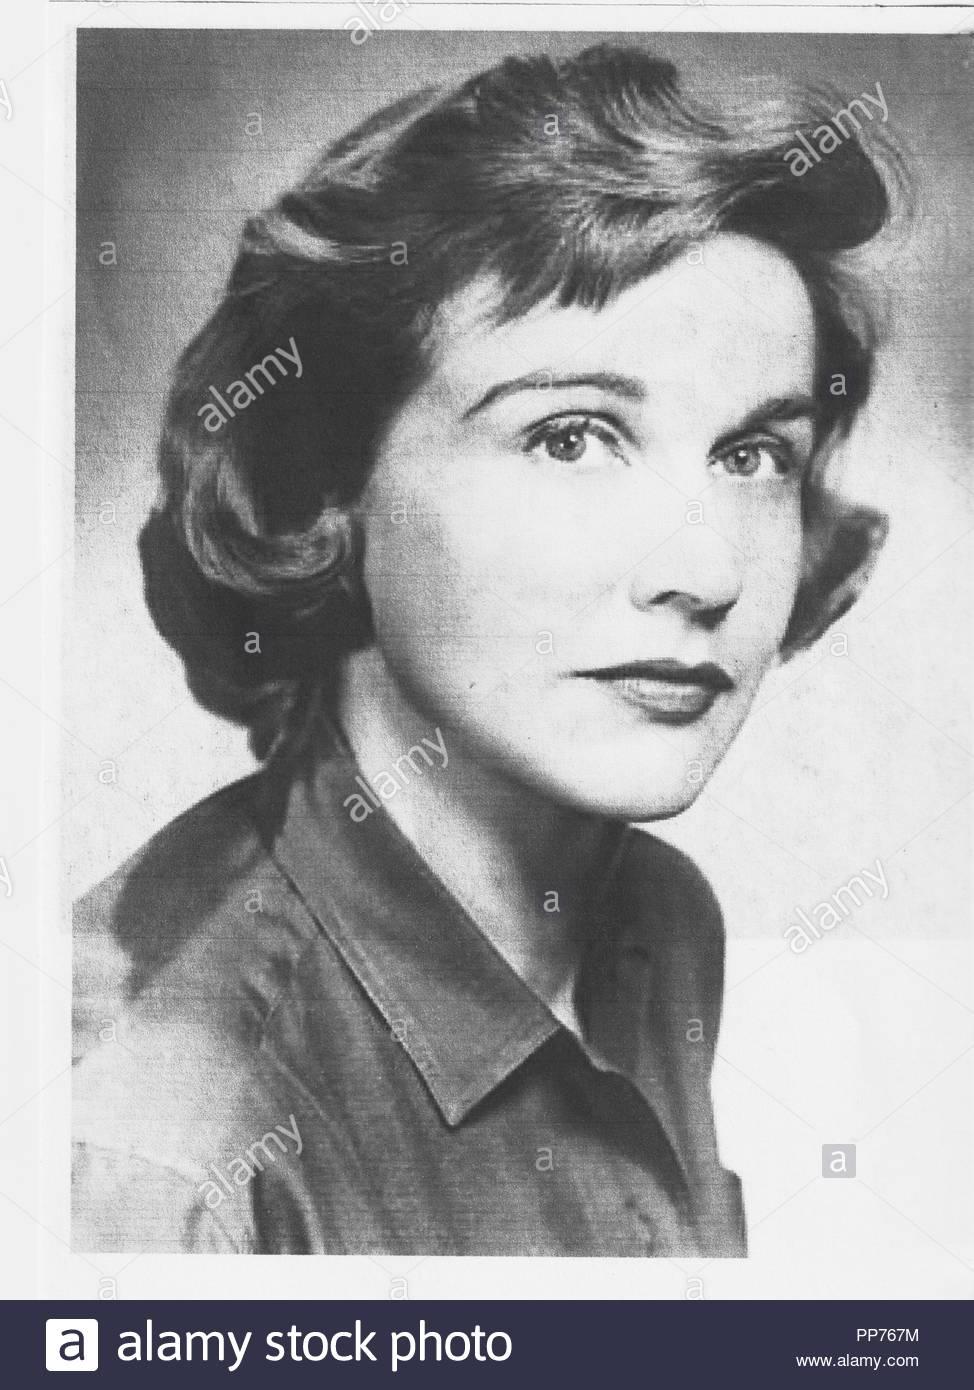 Kim Hunter born November 12, 1922